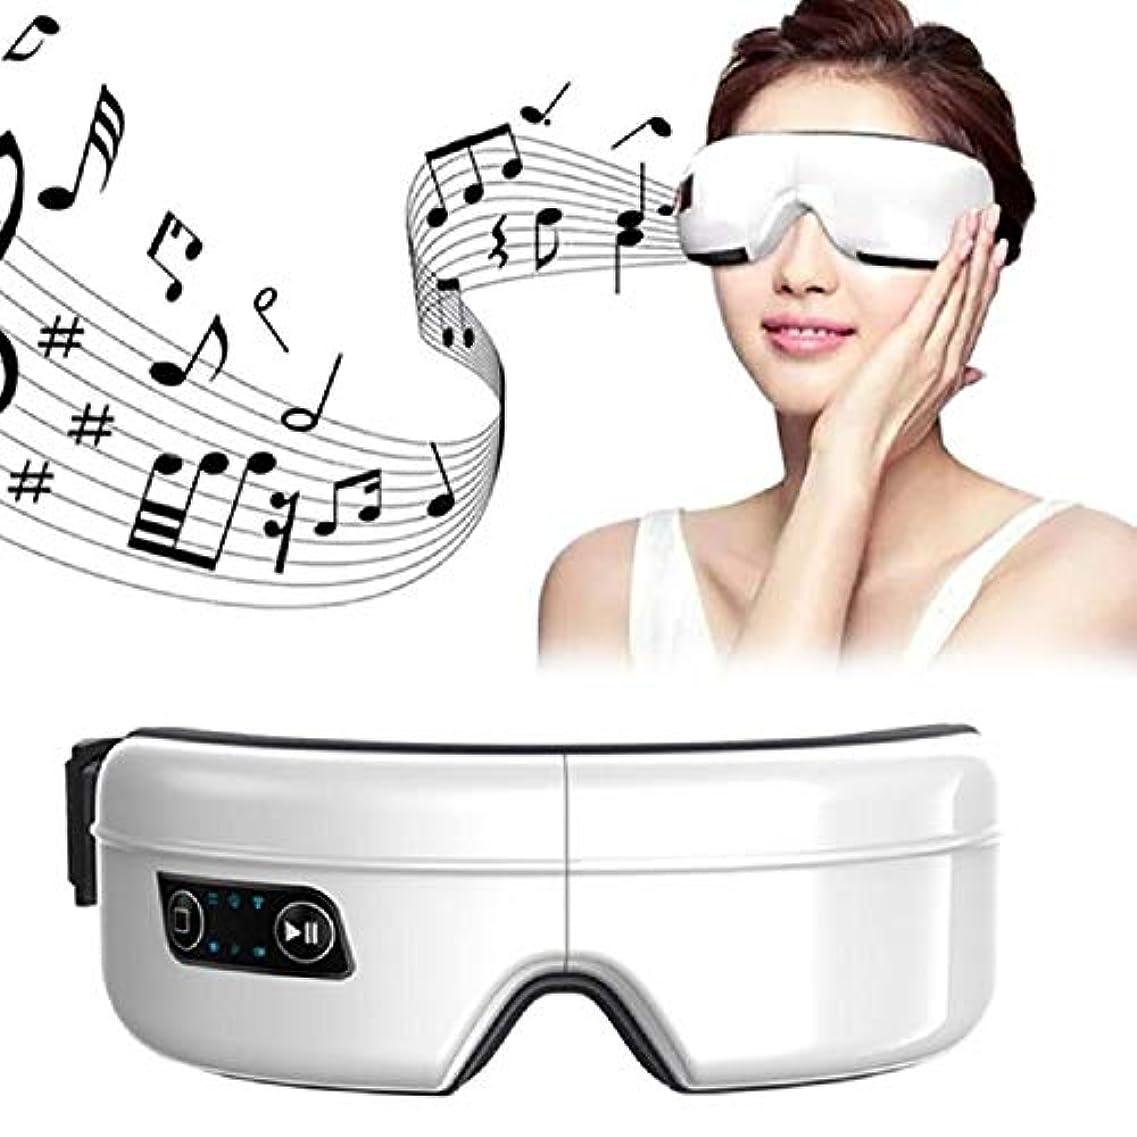 老人野生怒りRuzzy 高度な電気ワイヤレスアイマッサージSPAの楽器、音楽充電式美容ツール 購入へようこそ